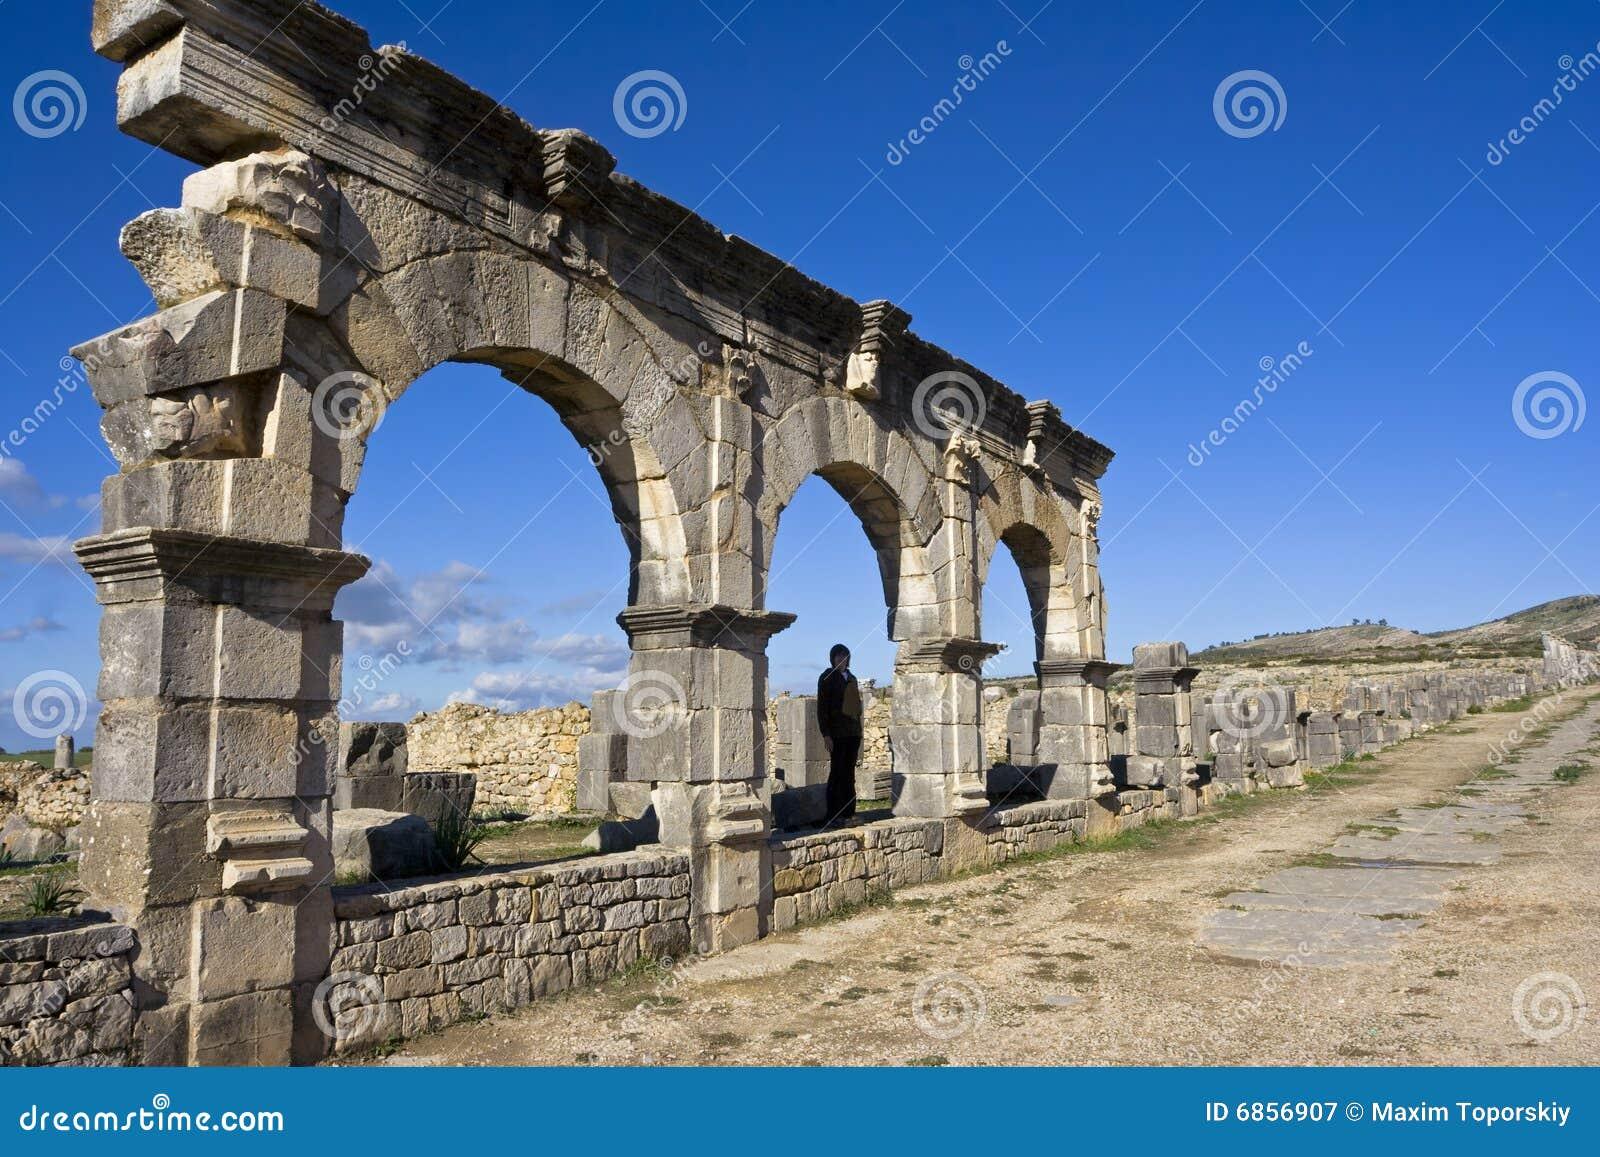 Археологическое место